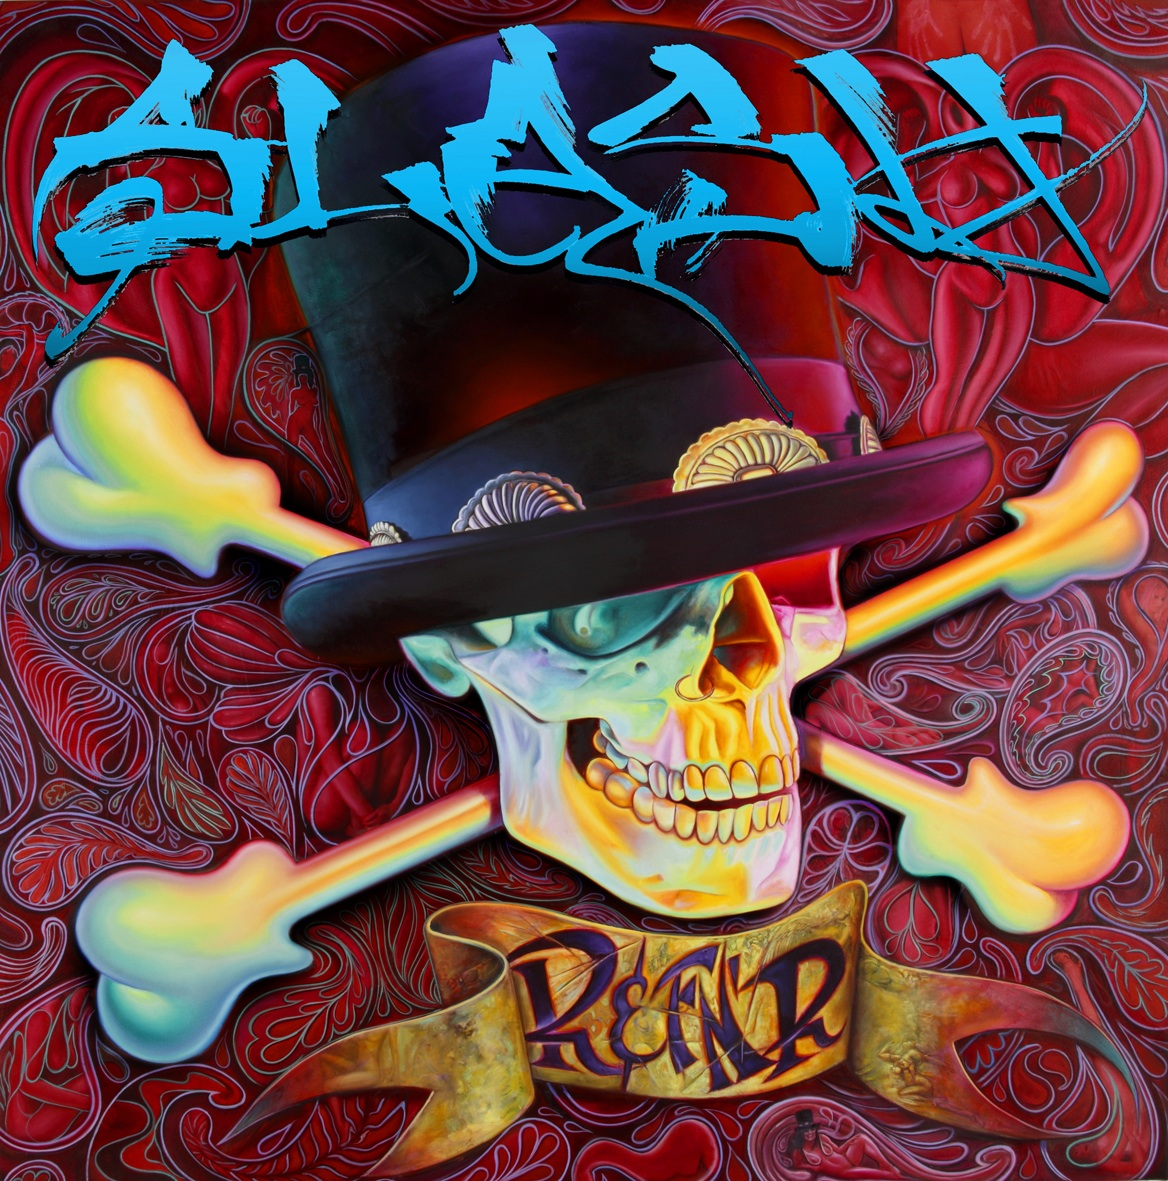 http://1.bp.blogspot.com/_UipkL8VkiBc/TU6jTOSFsRI/AAAAAAAAAb0/Wy1o--6bZnA/s1600/slash-album-artwork.jpg